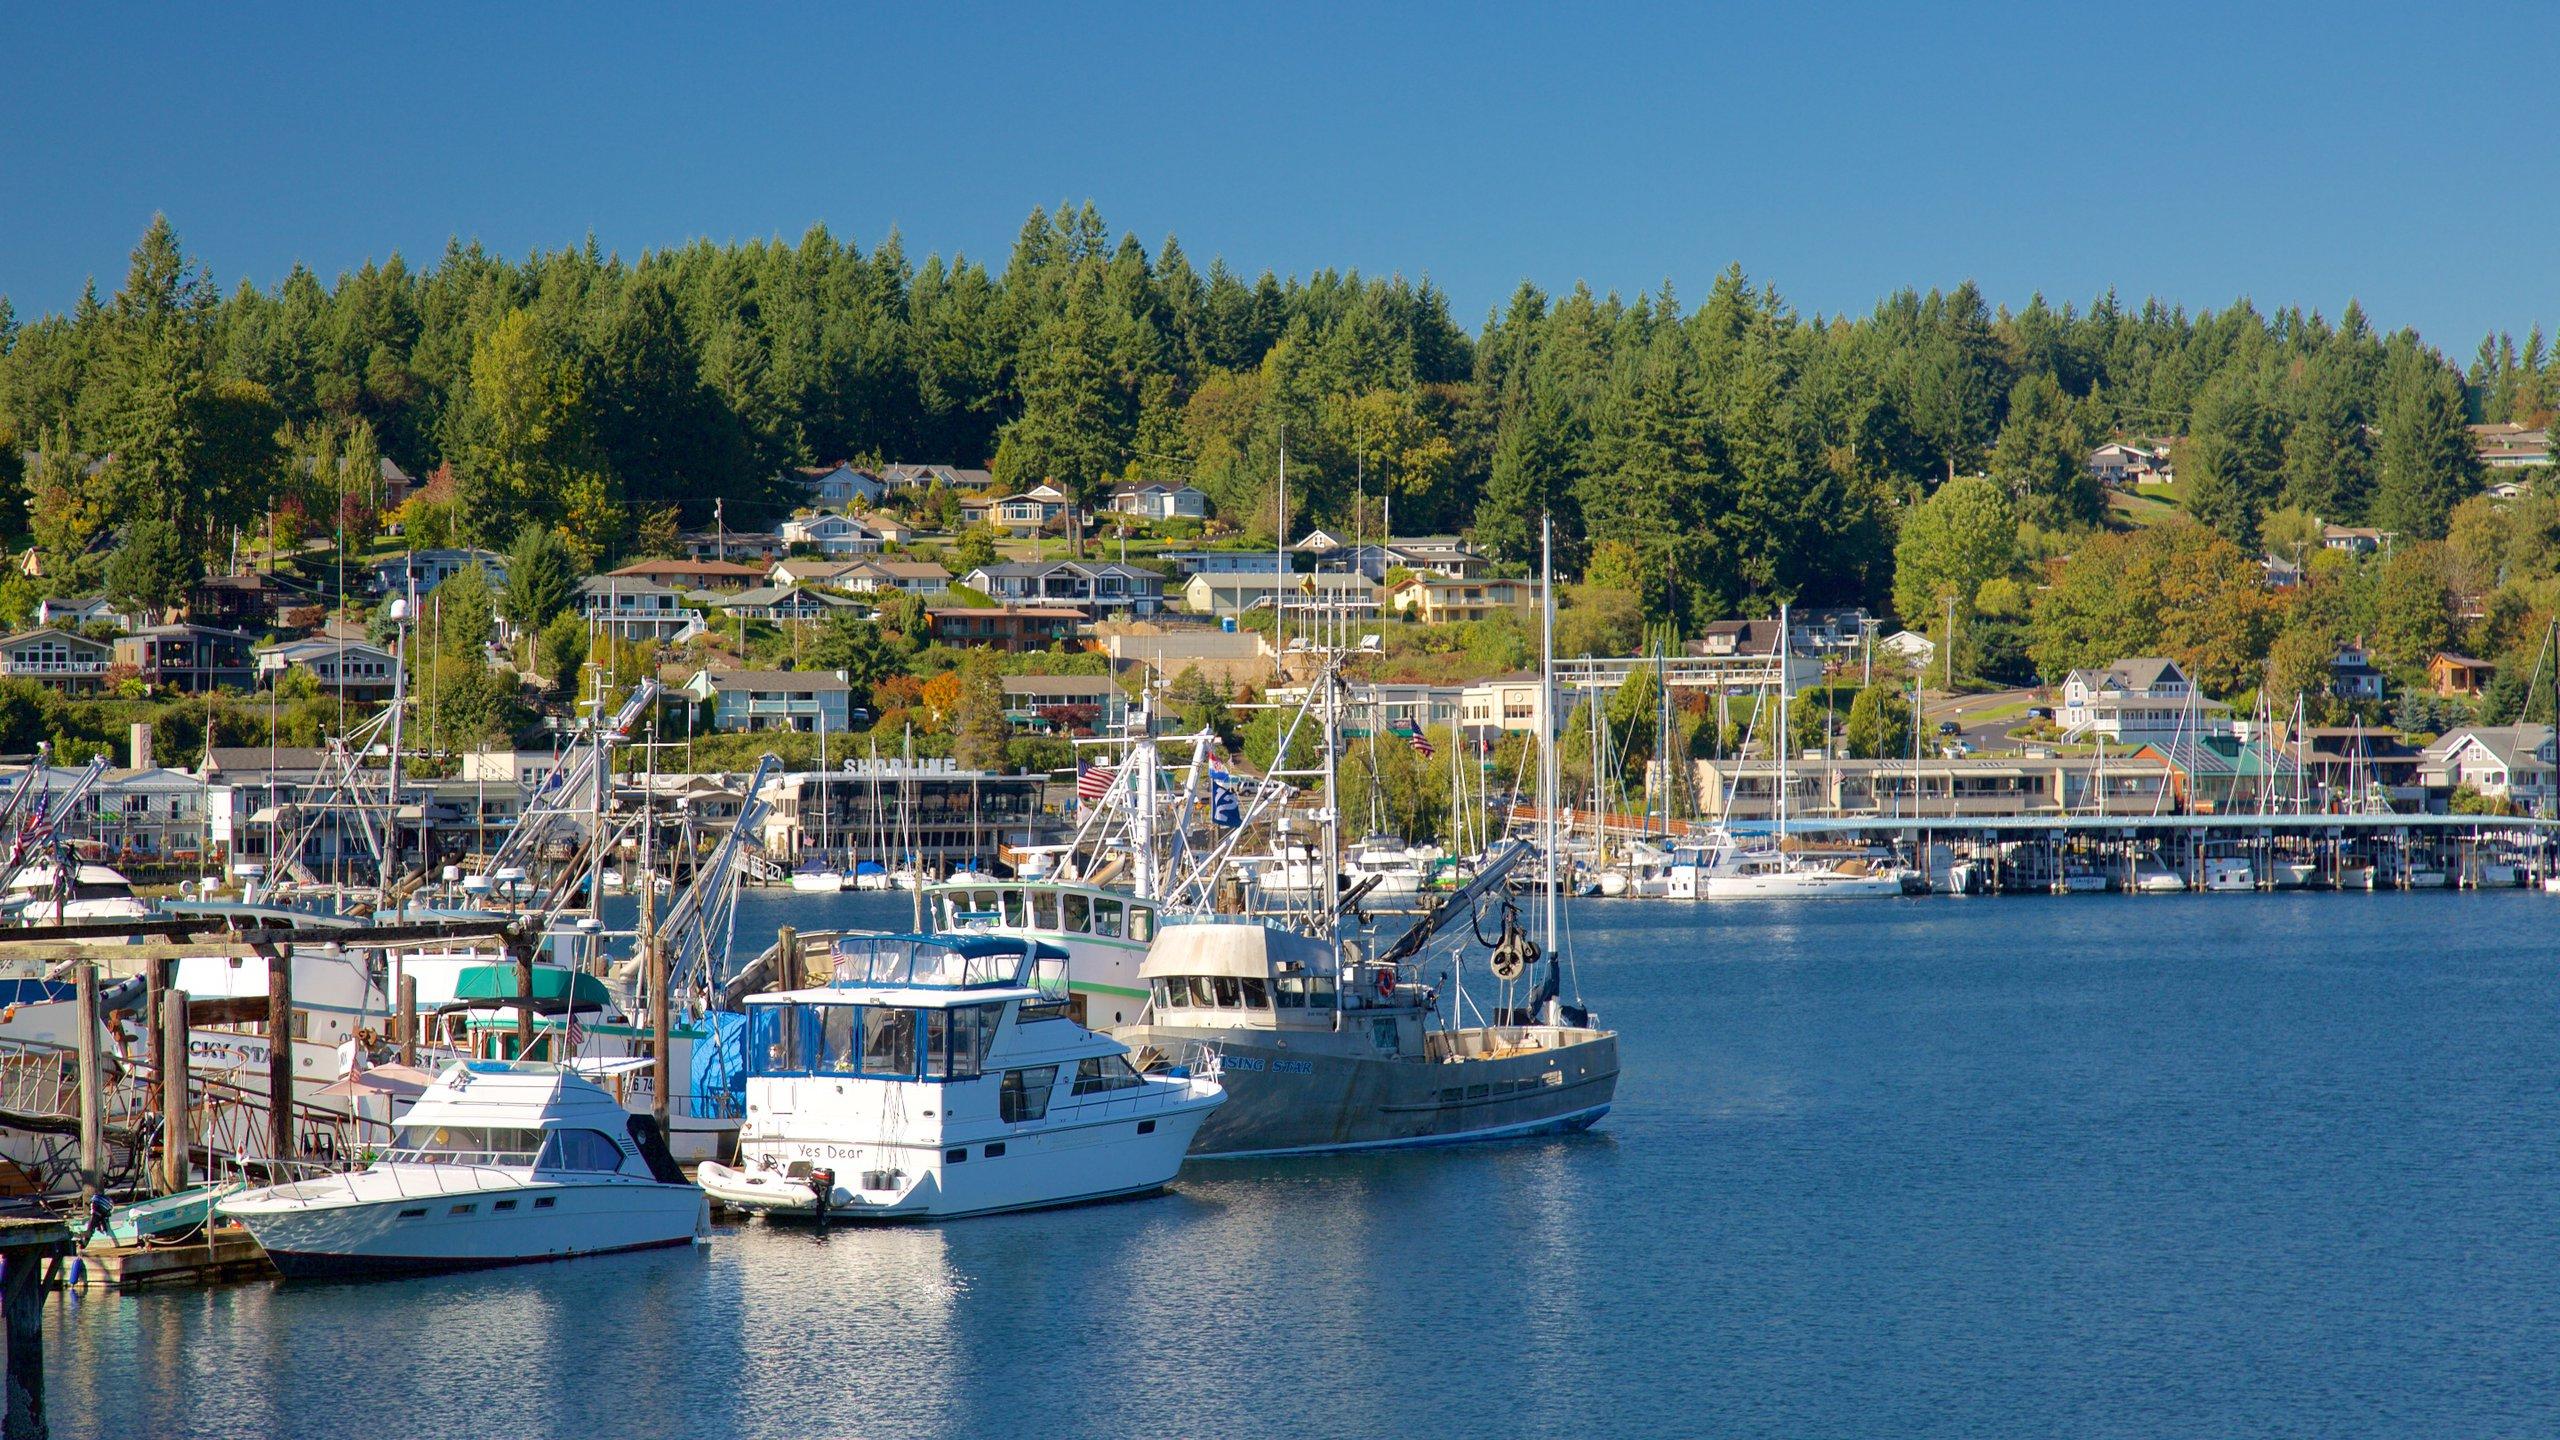 Gig Harbor, Washington, United States of America